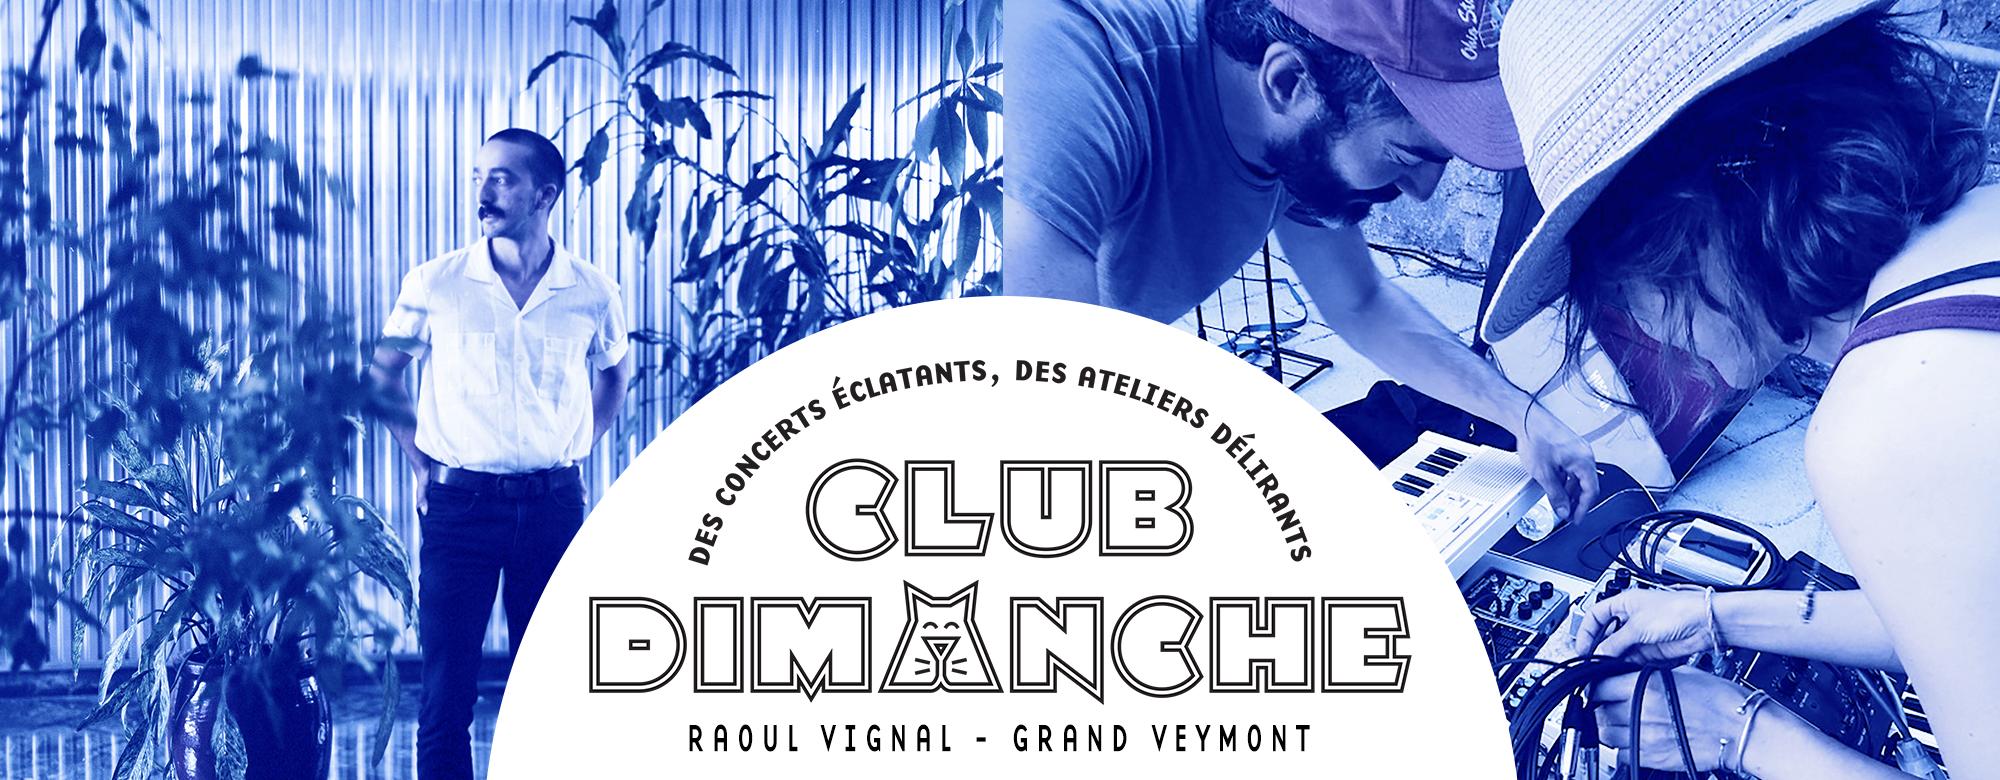 Club dimanche